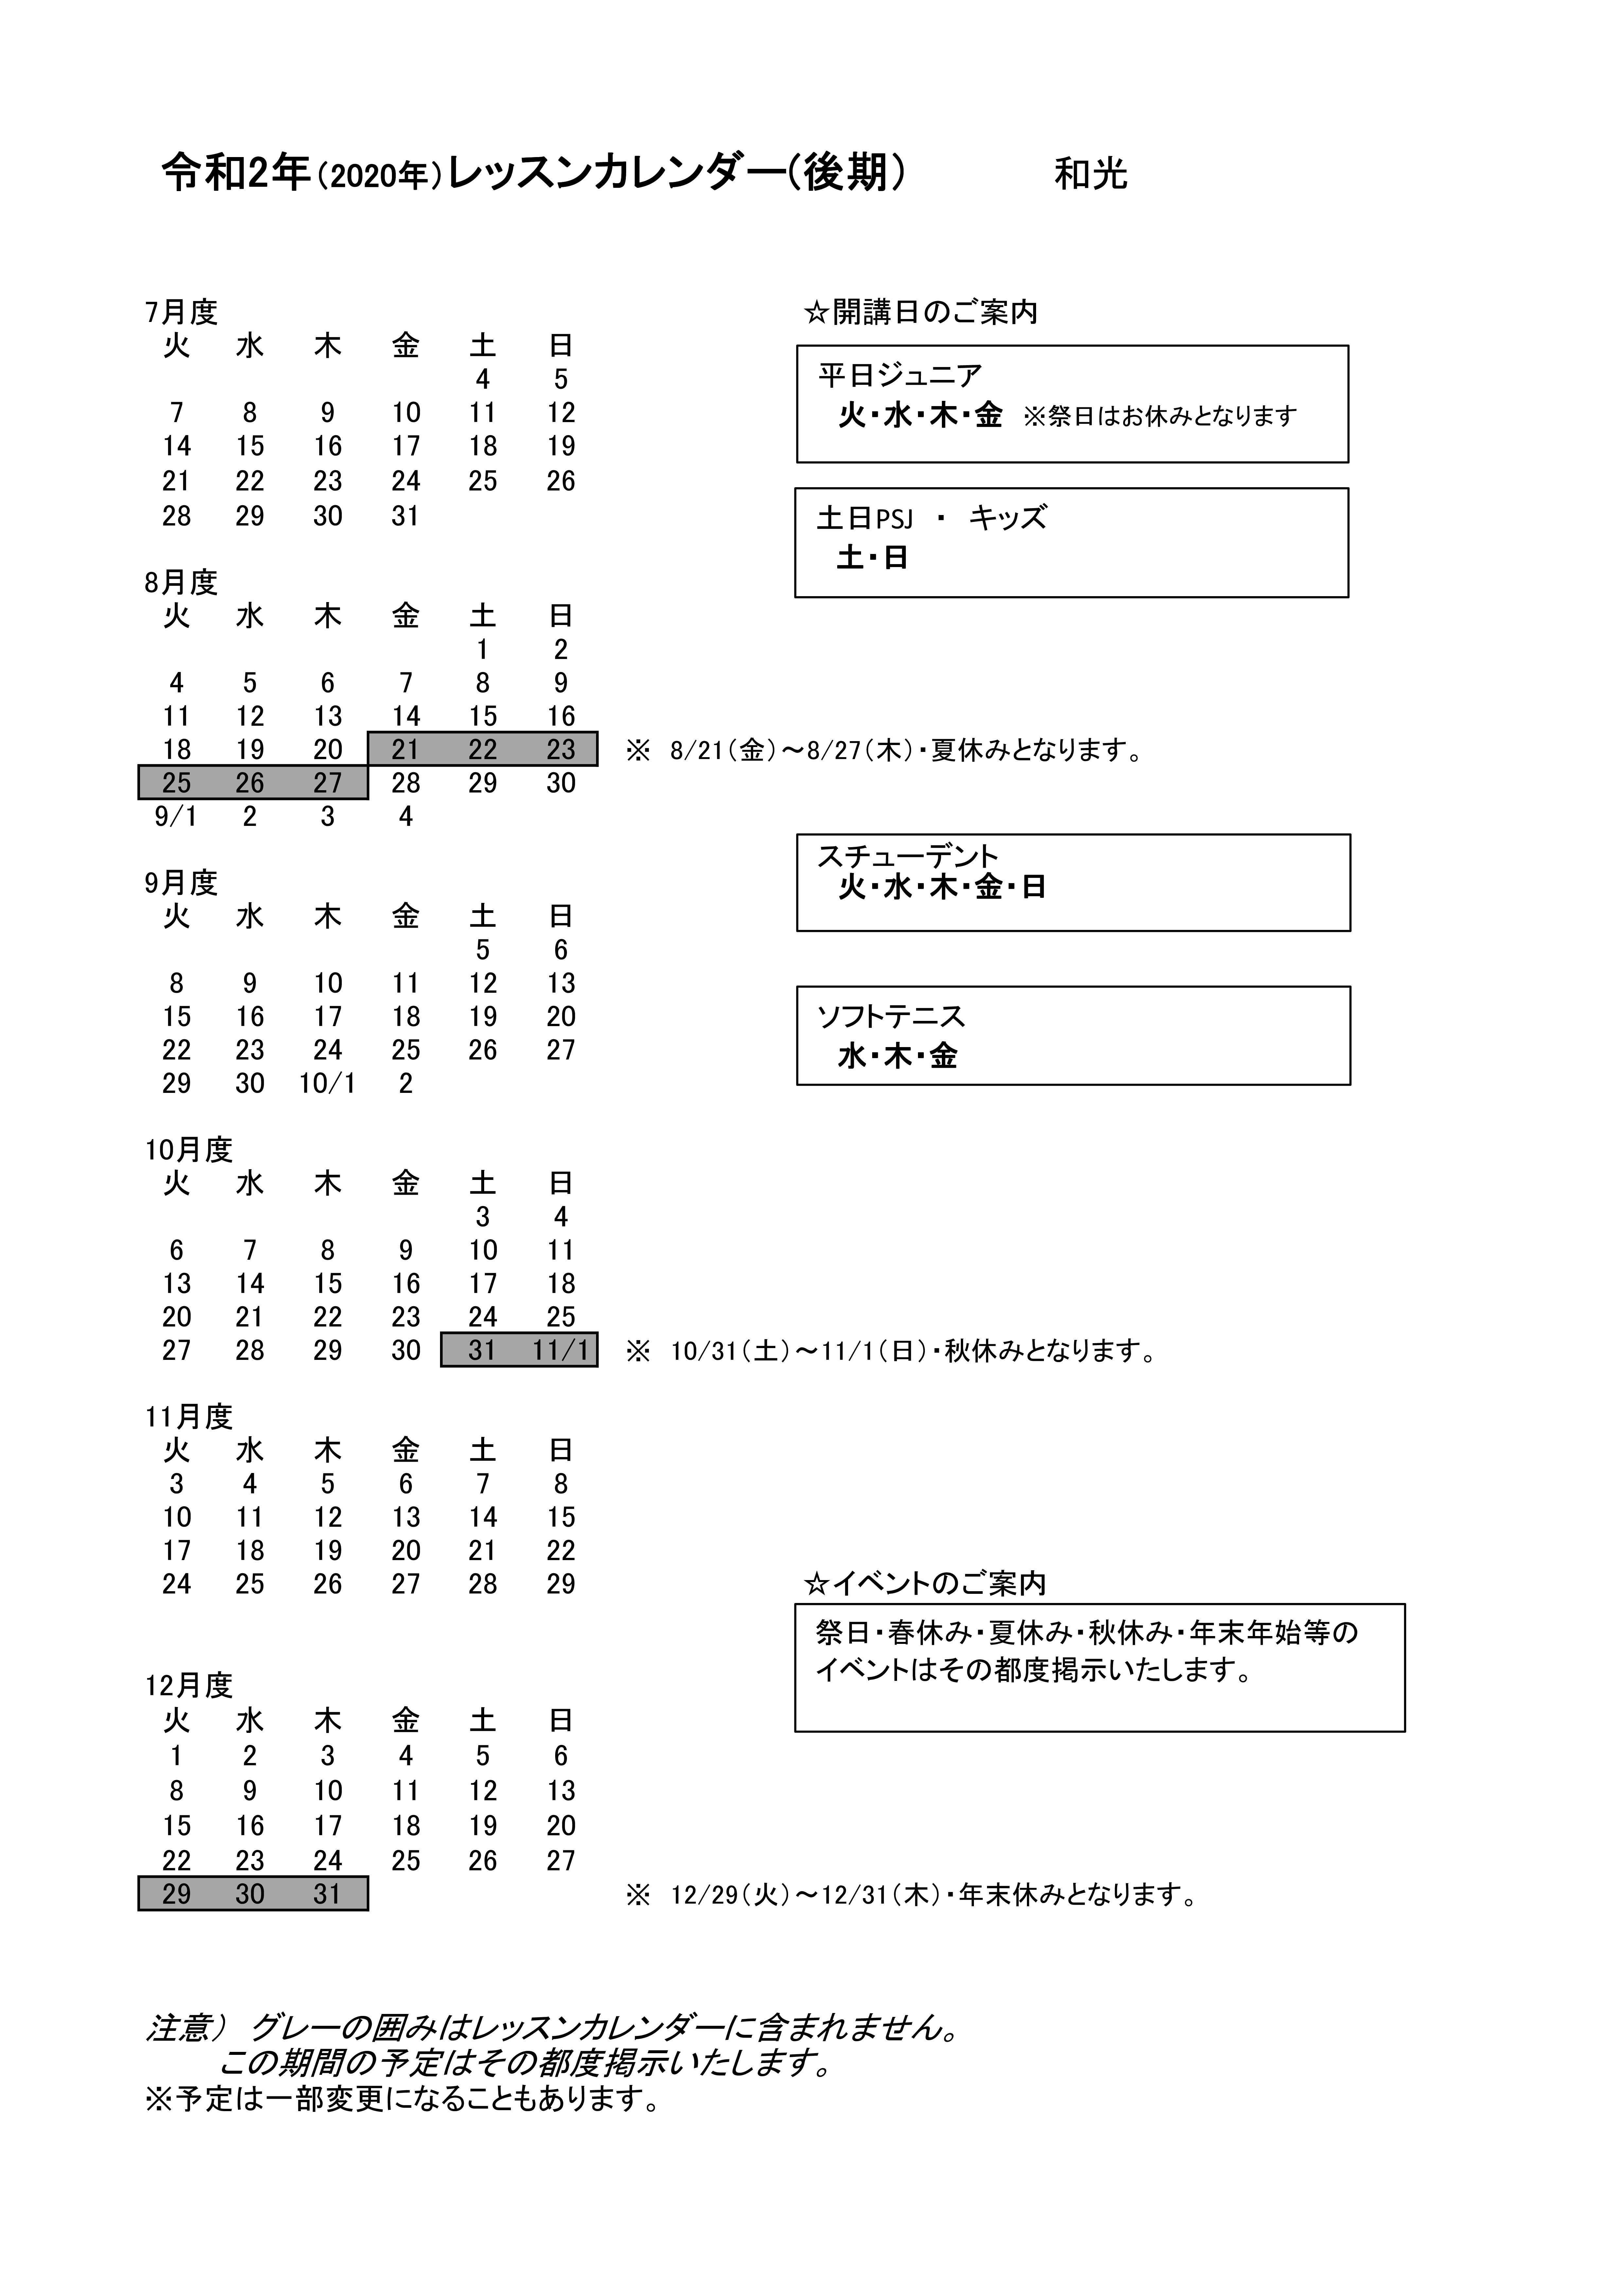 2020レッスンカレンダー後期wa